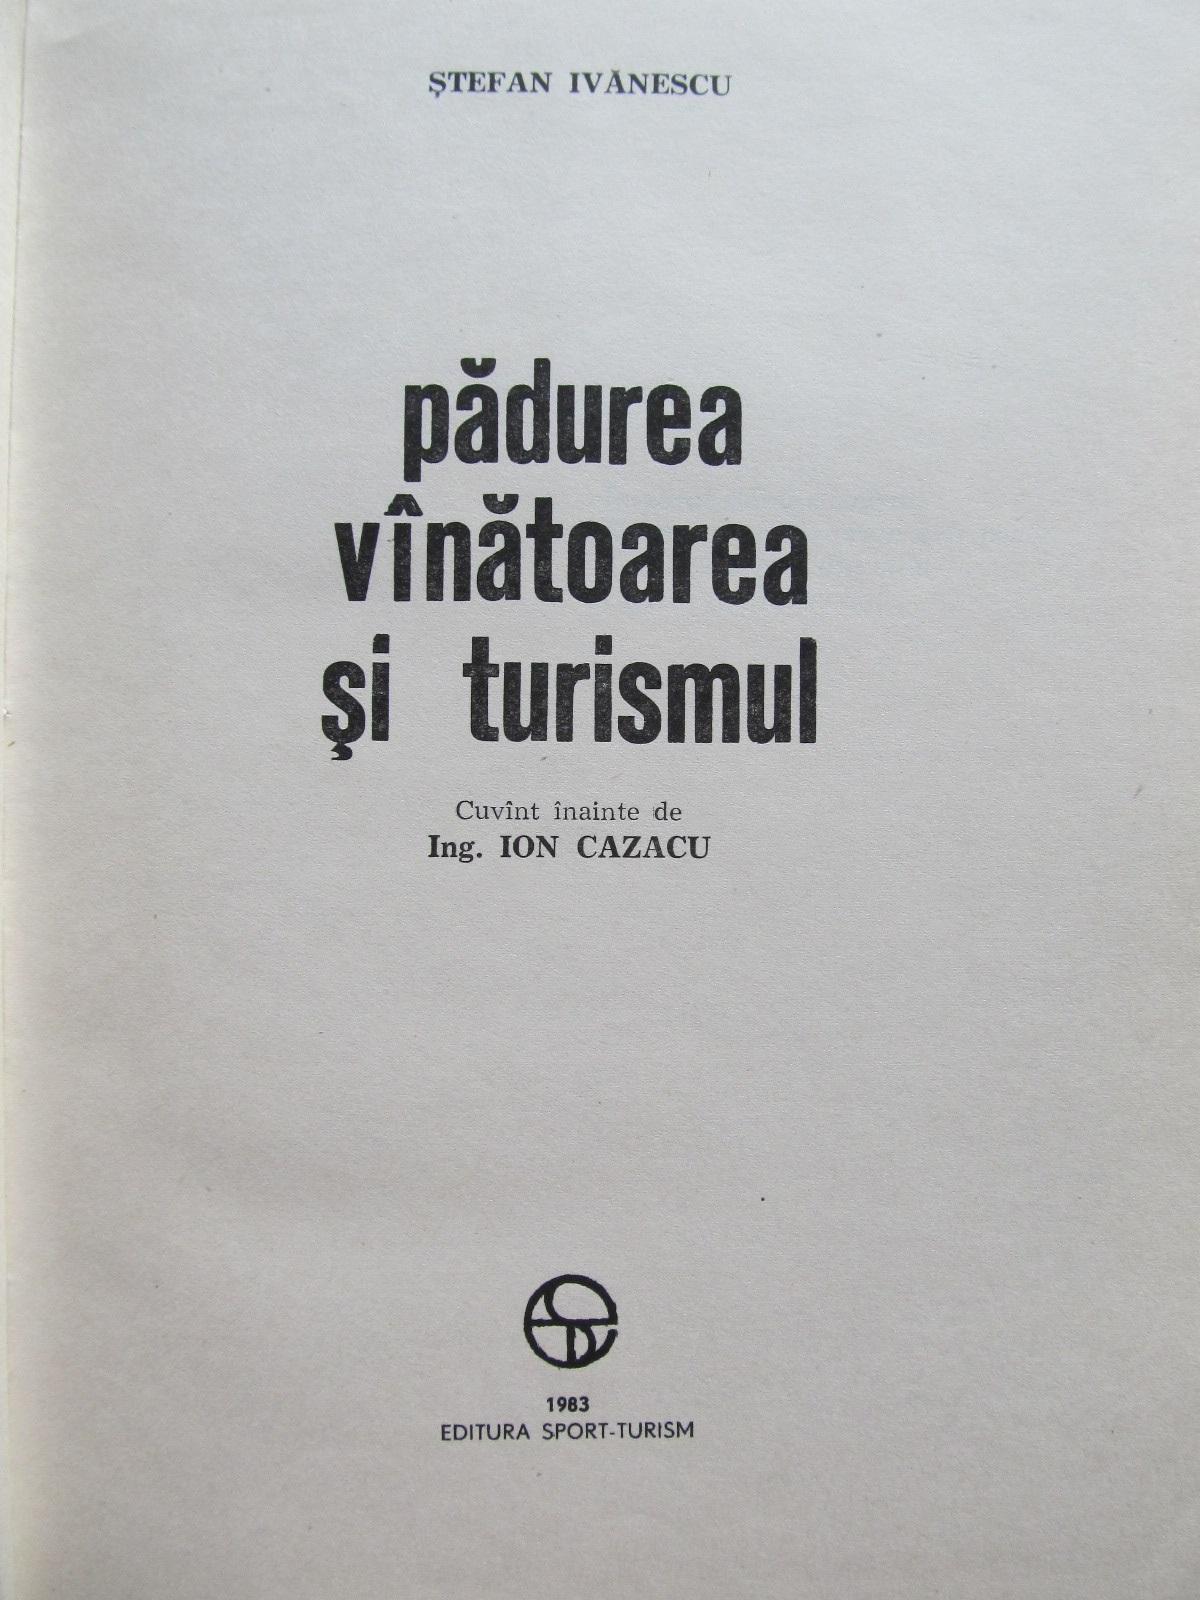 Carte Padurea vanatoarea si turismul [1] - Stefan Ivanescu